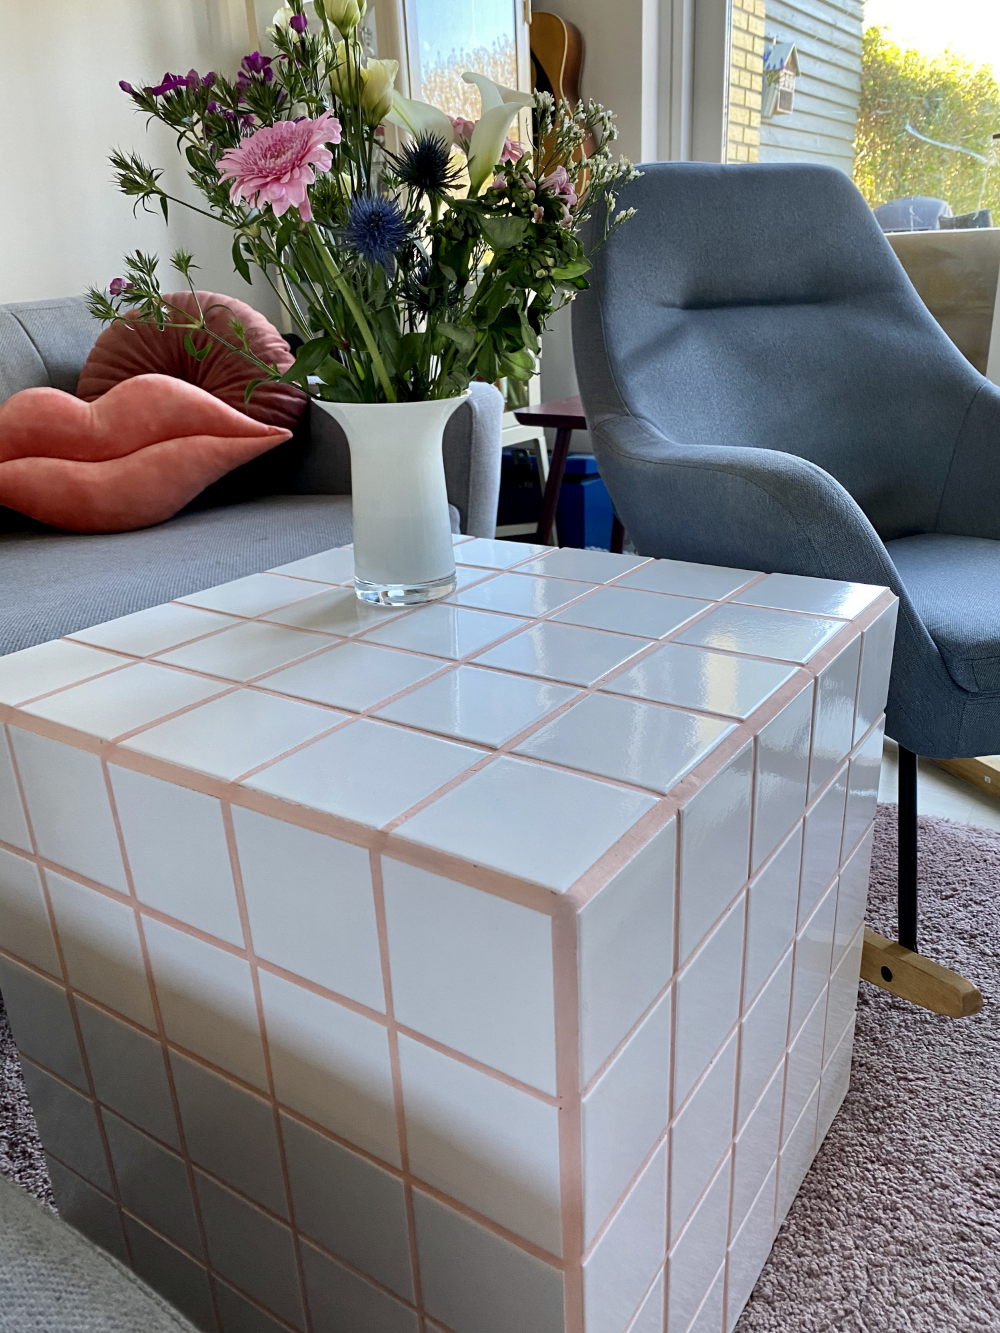 DIY Flisebord i kubeform med lyserød fuge